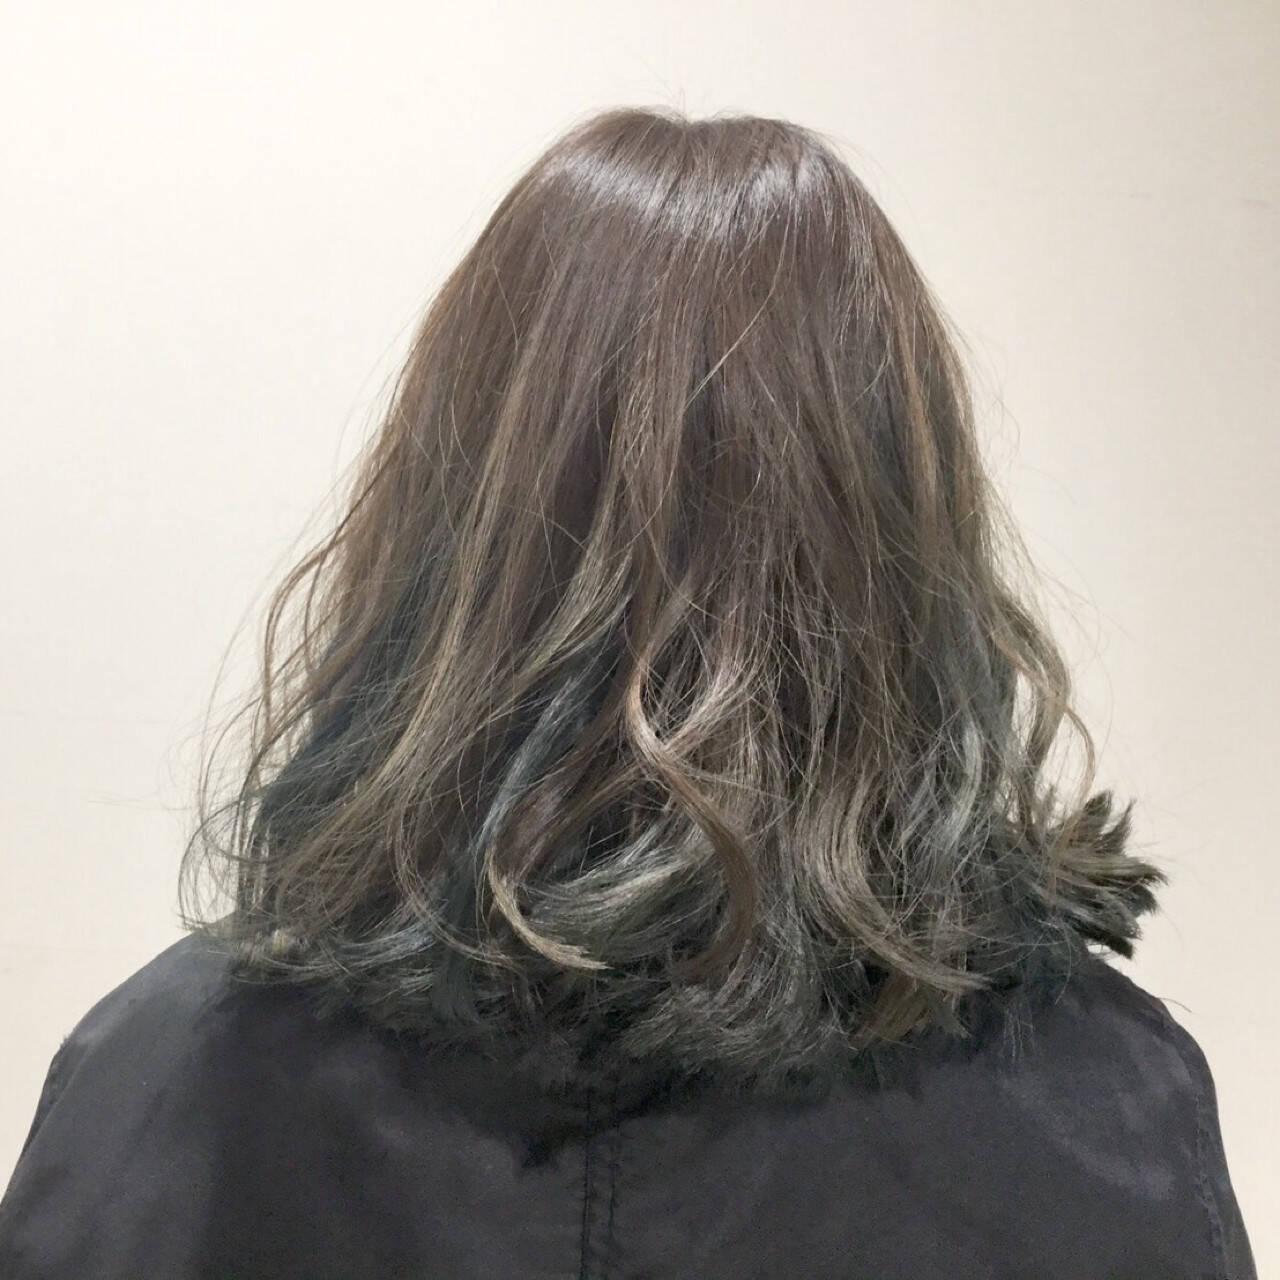 ストリート ハイライト セミロング アッシュヘアスタイルや髪型の写真・画像